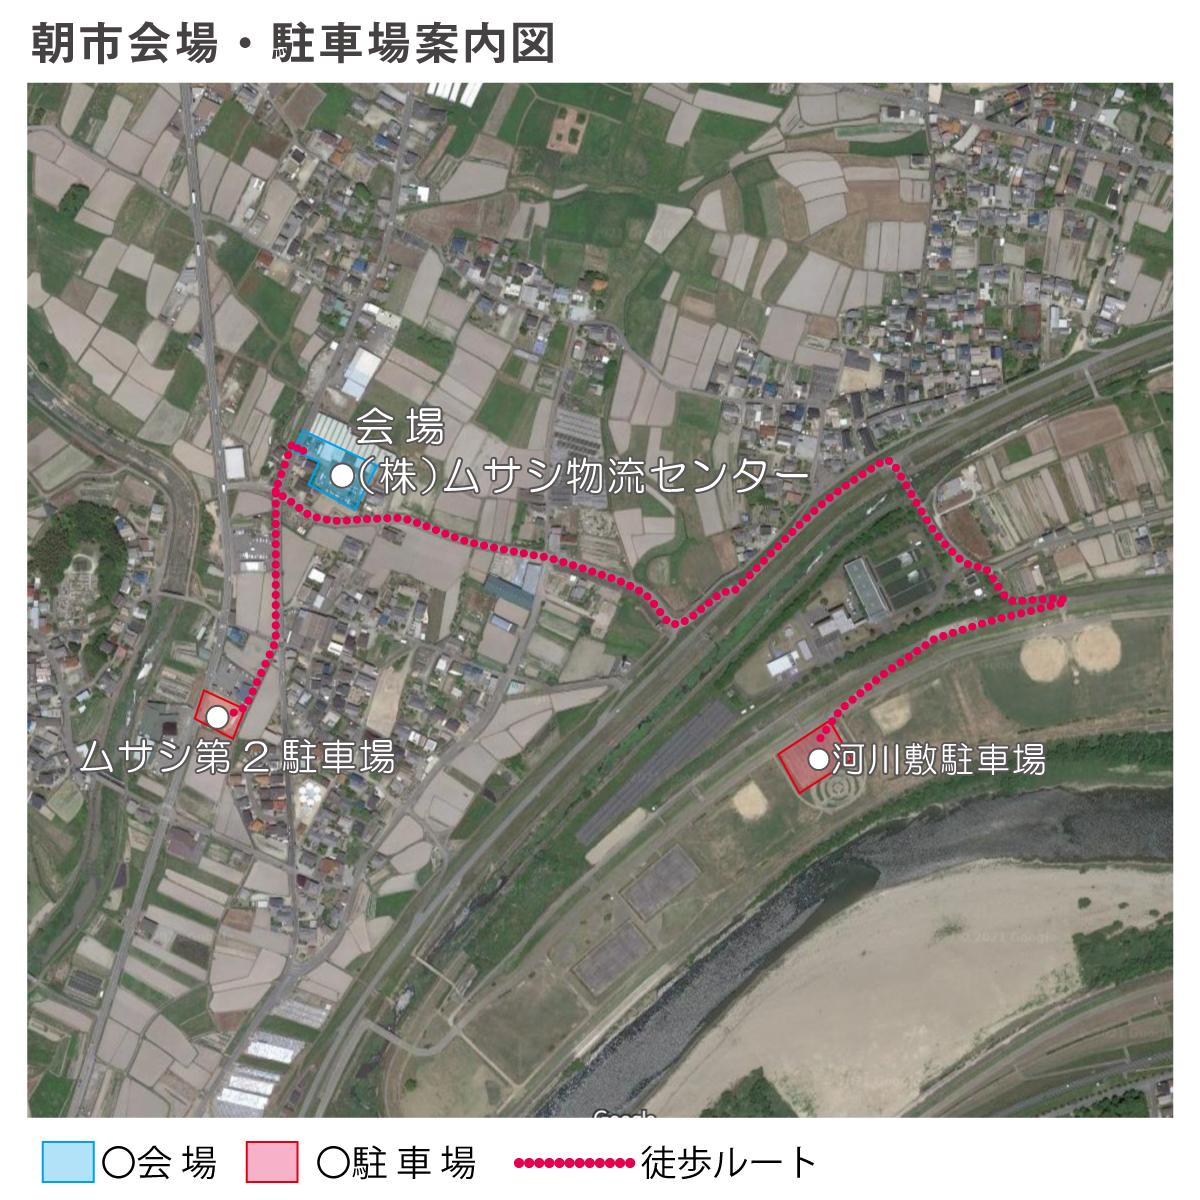 f:id:asaichi634:20210514091640j:plain